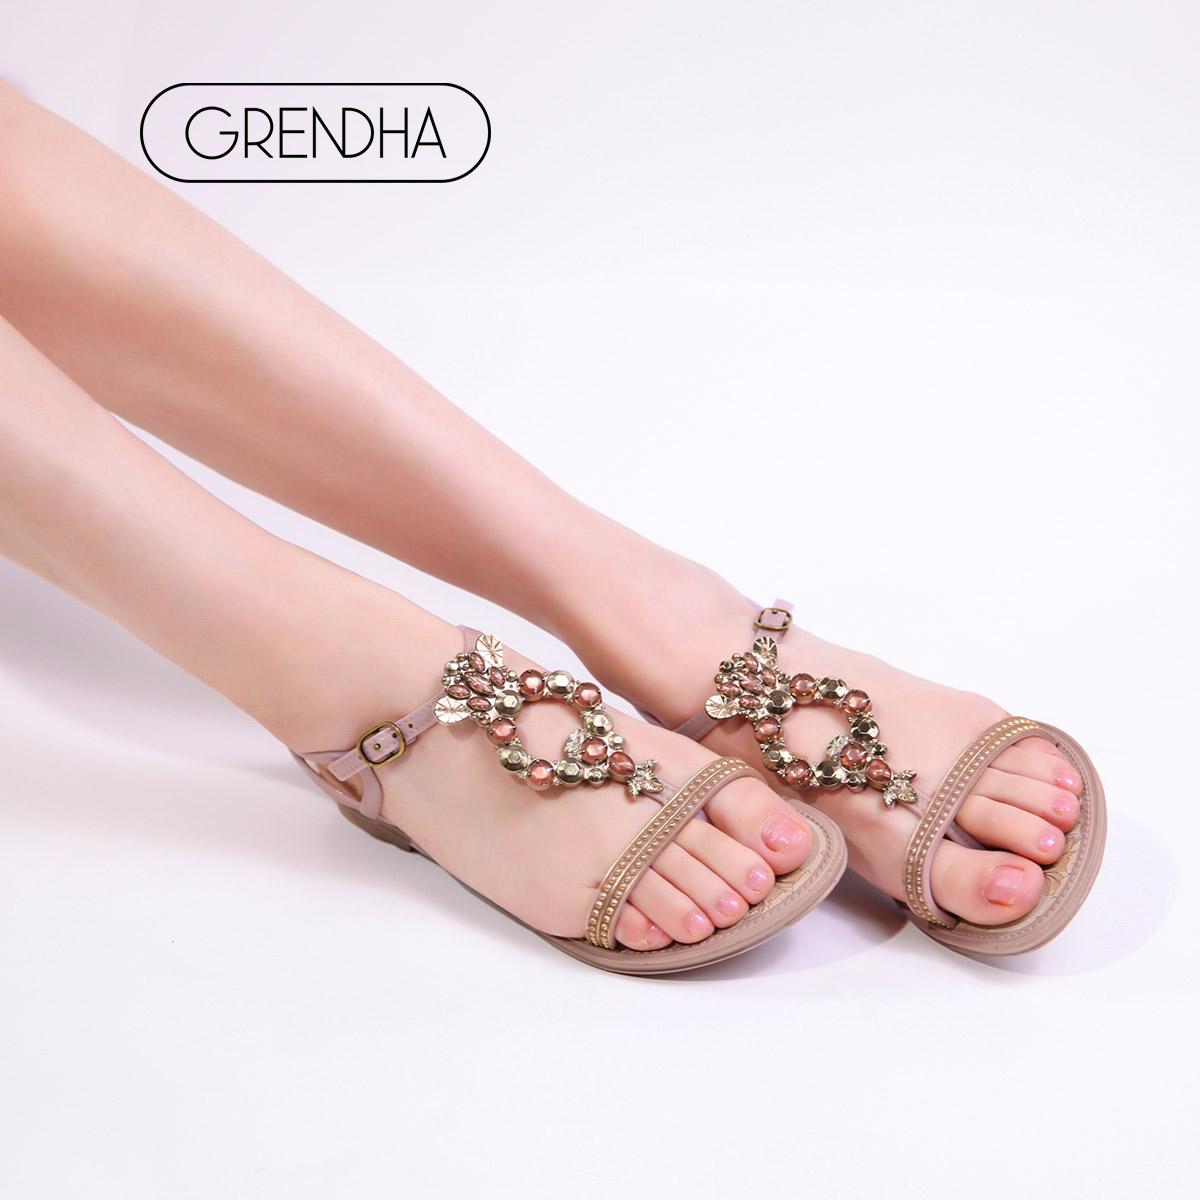 巴西进口 GRENDHA 新花钻系列 女式平跟夹趾凉拖鞋 天猫优惠券折后¥69包邮(¥299-230)多款可选